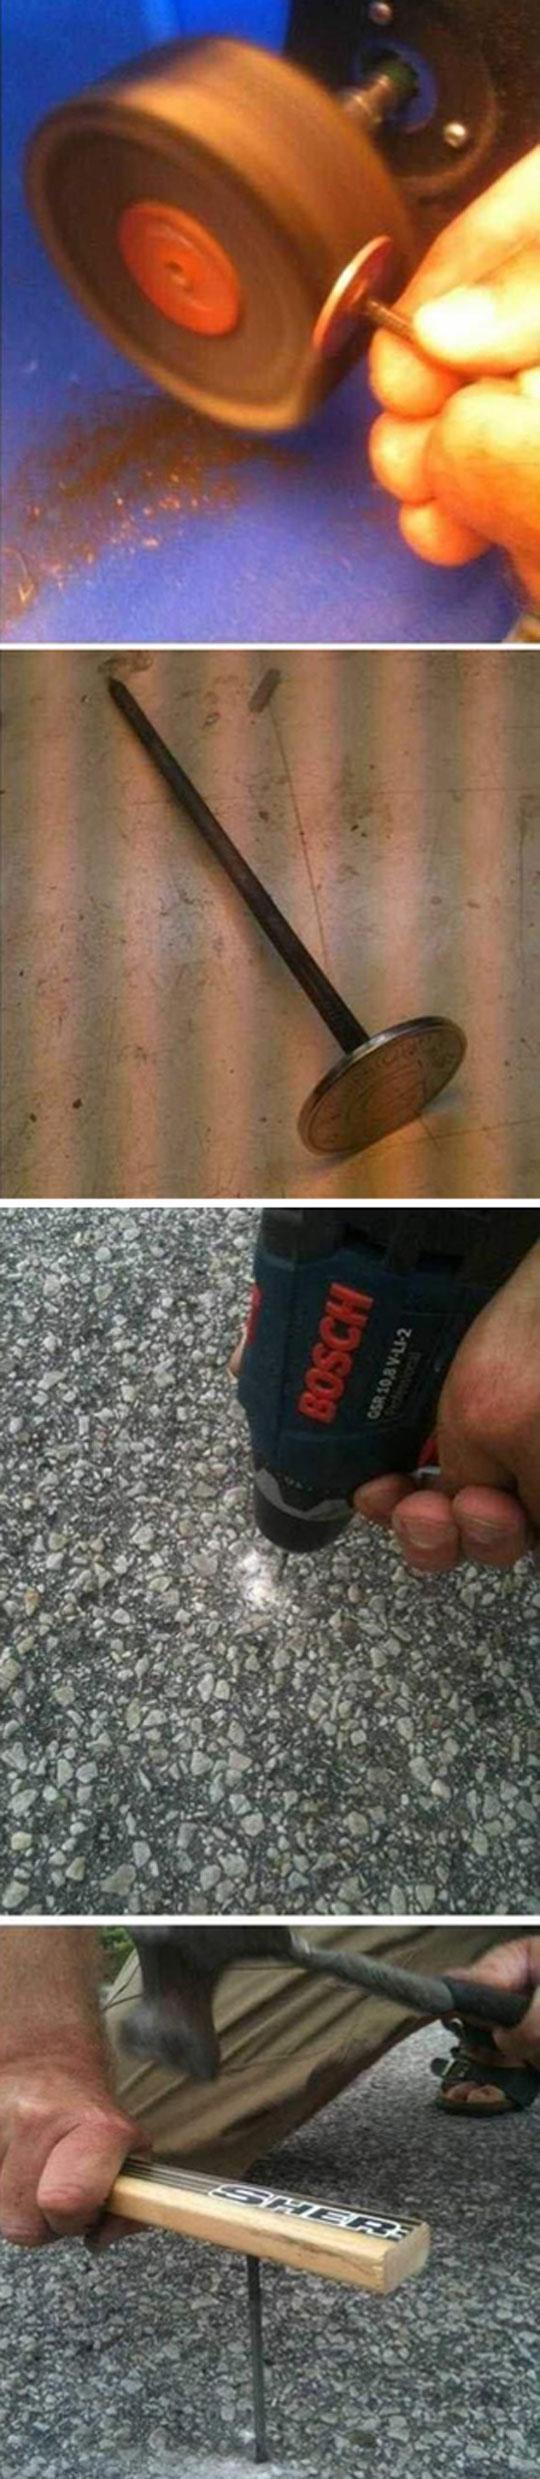 funny-welded-coin-prank-floor